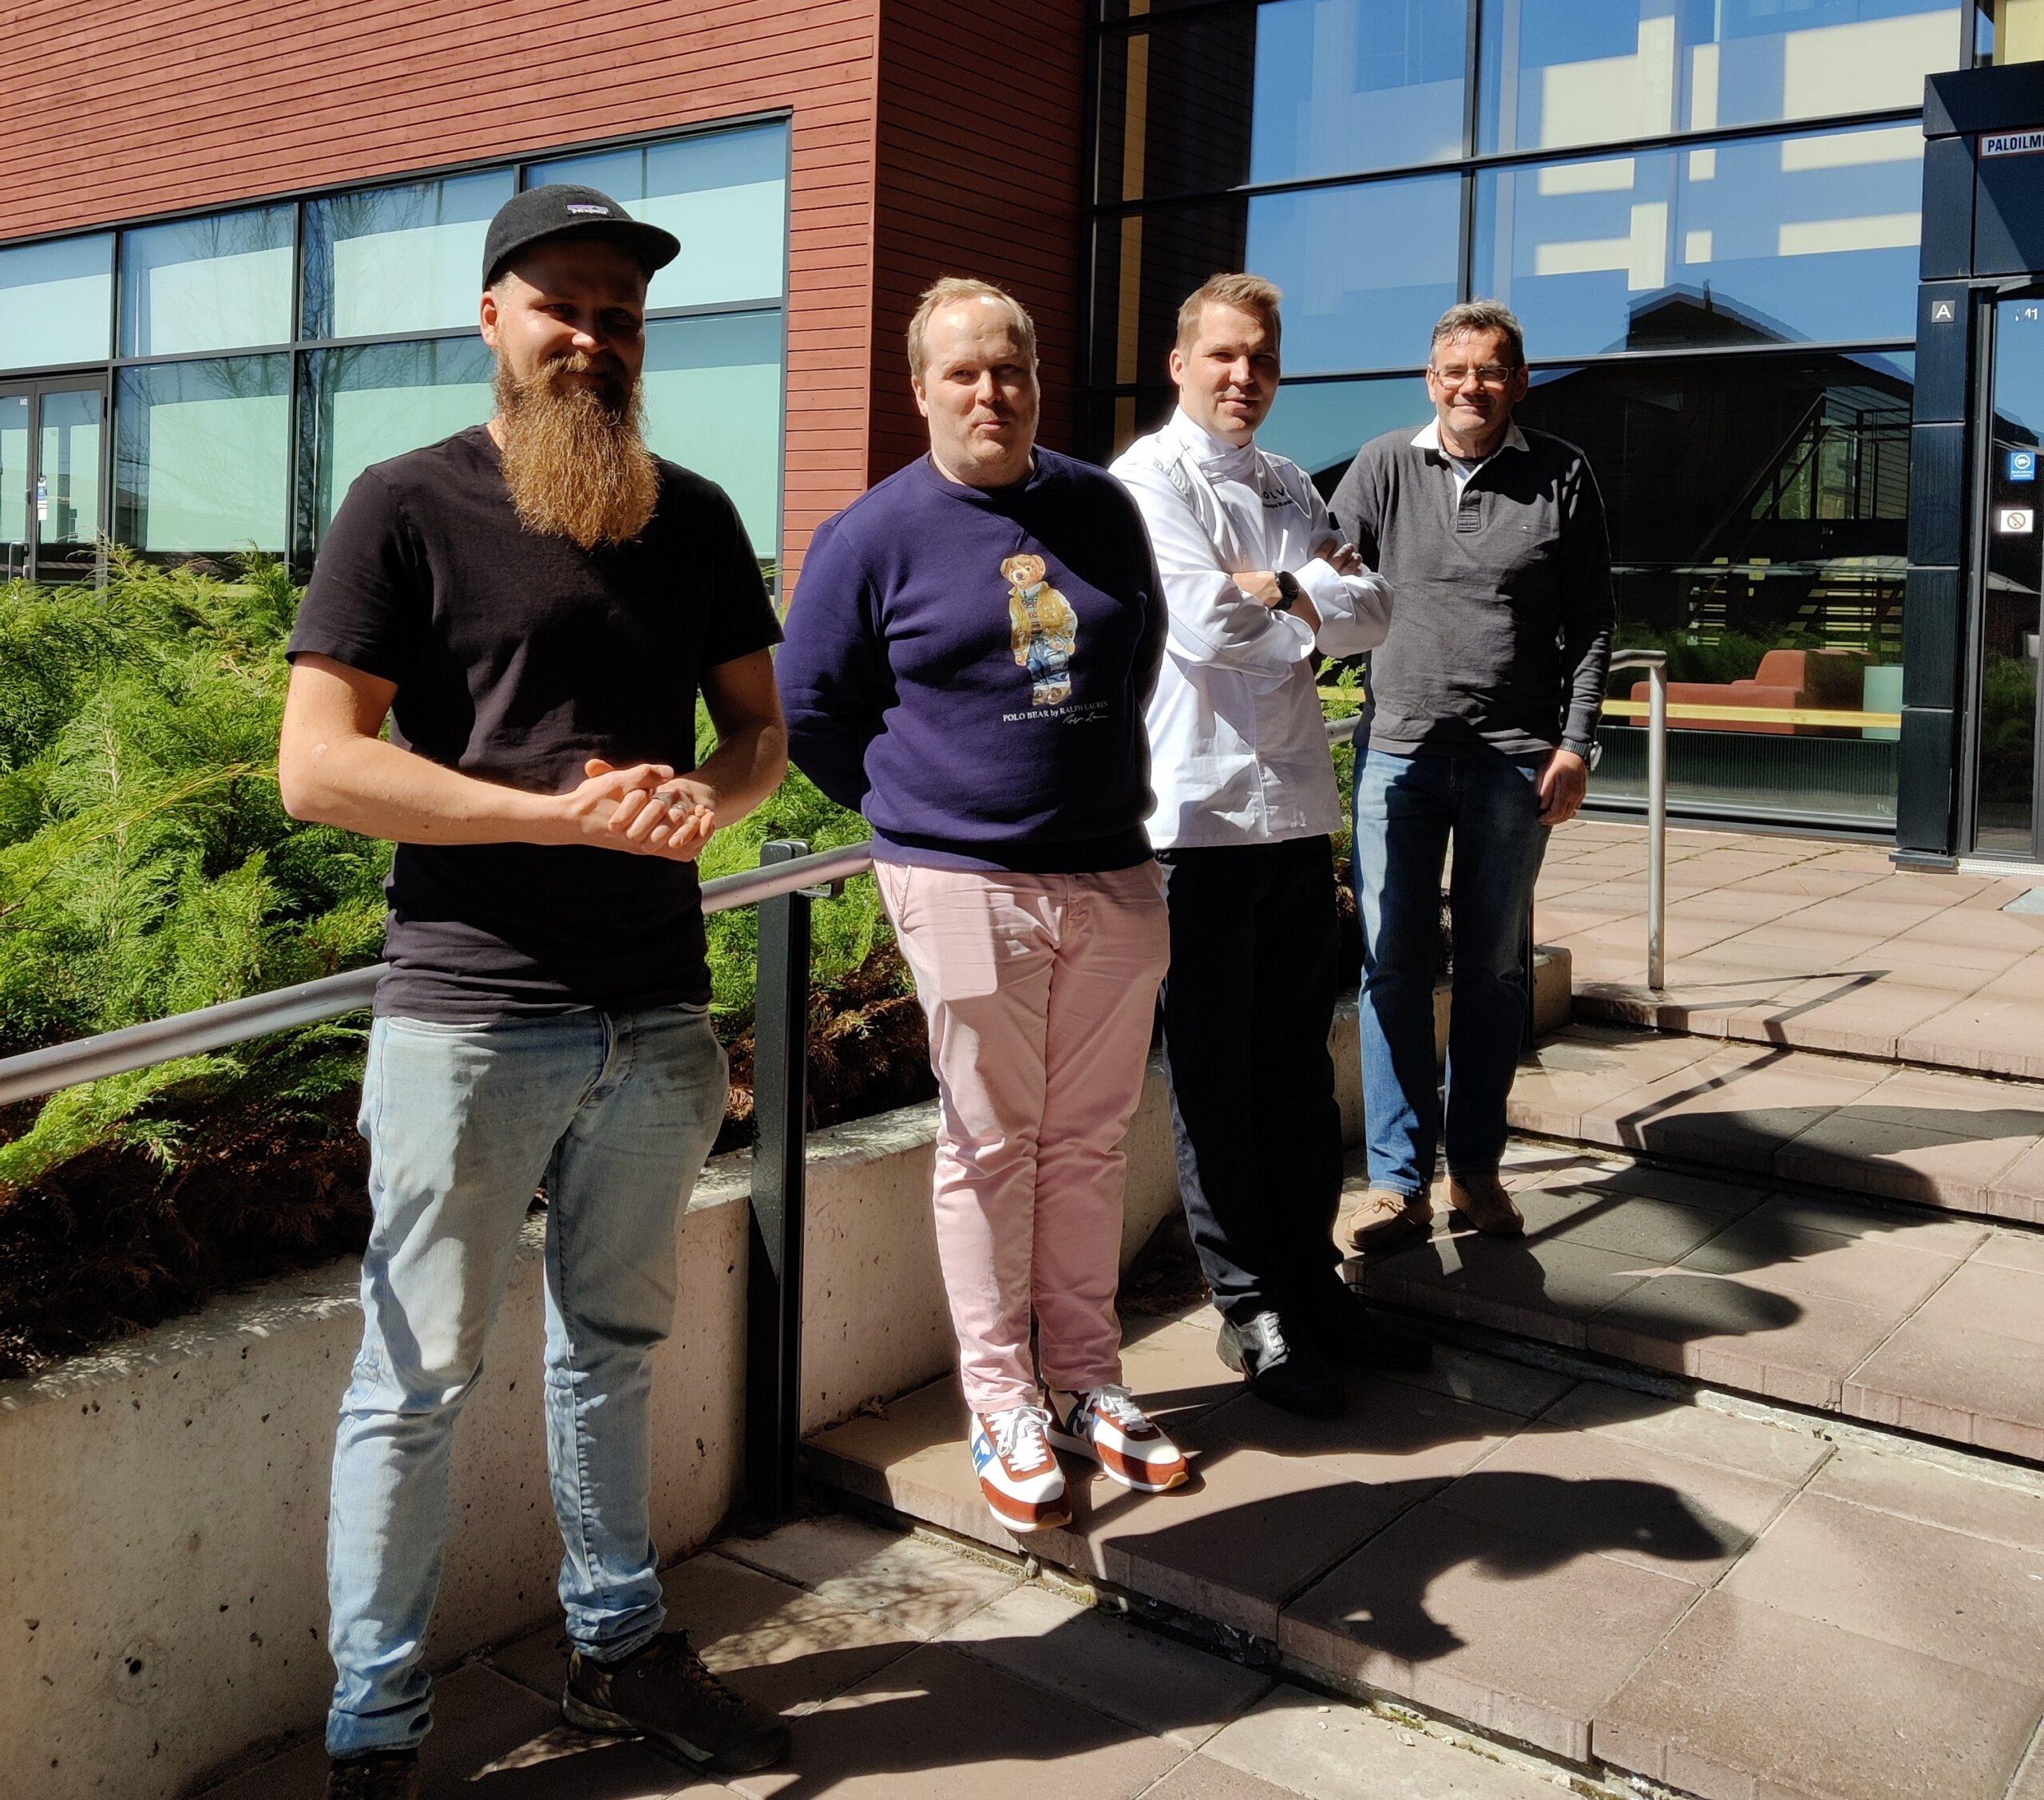 Neljä miestä seisoo ulkona vierekkäin.